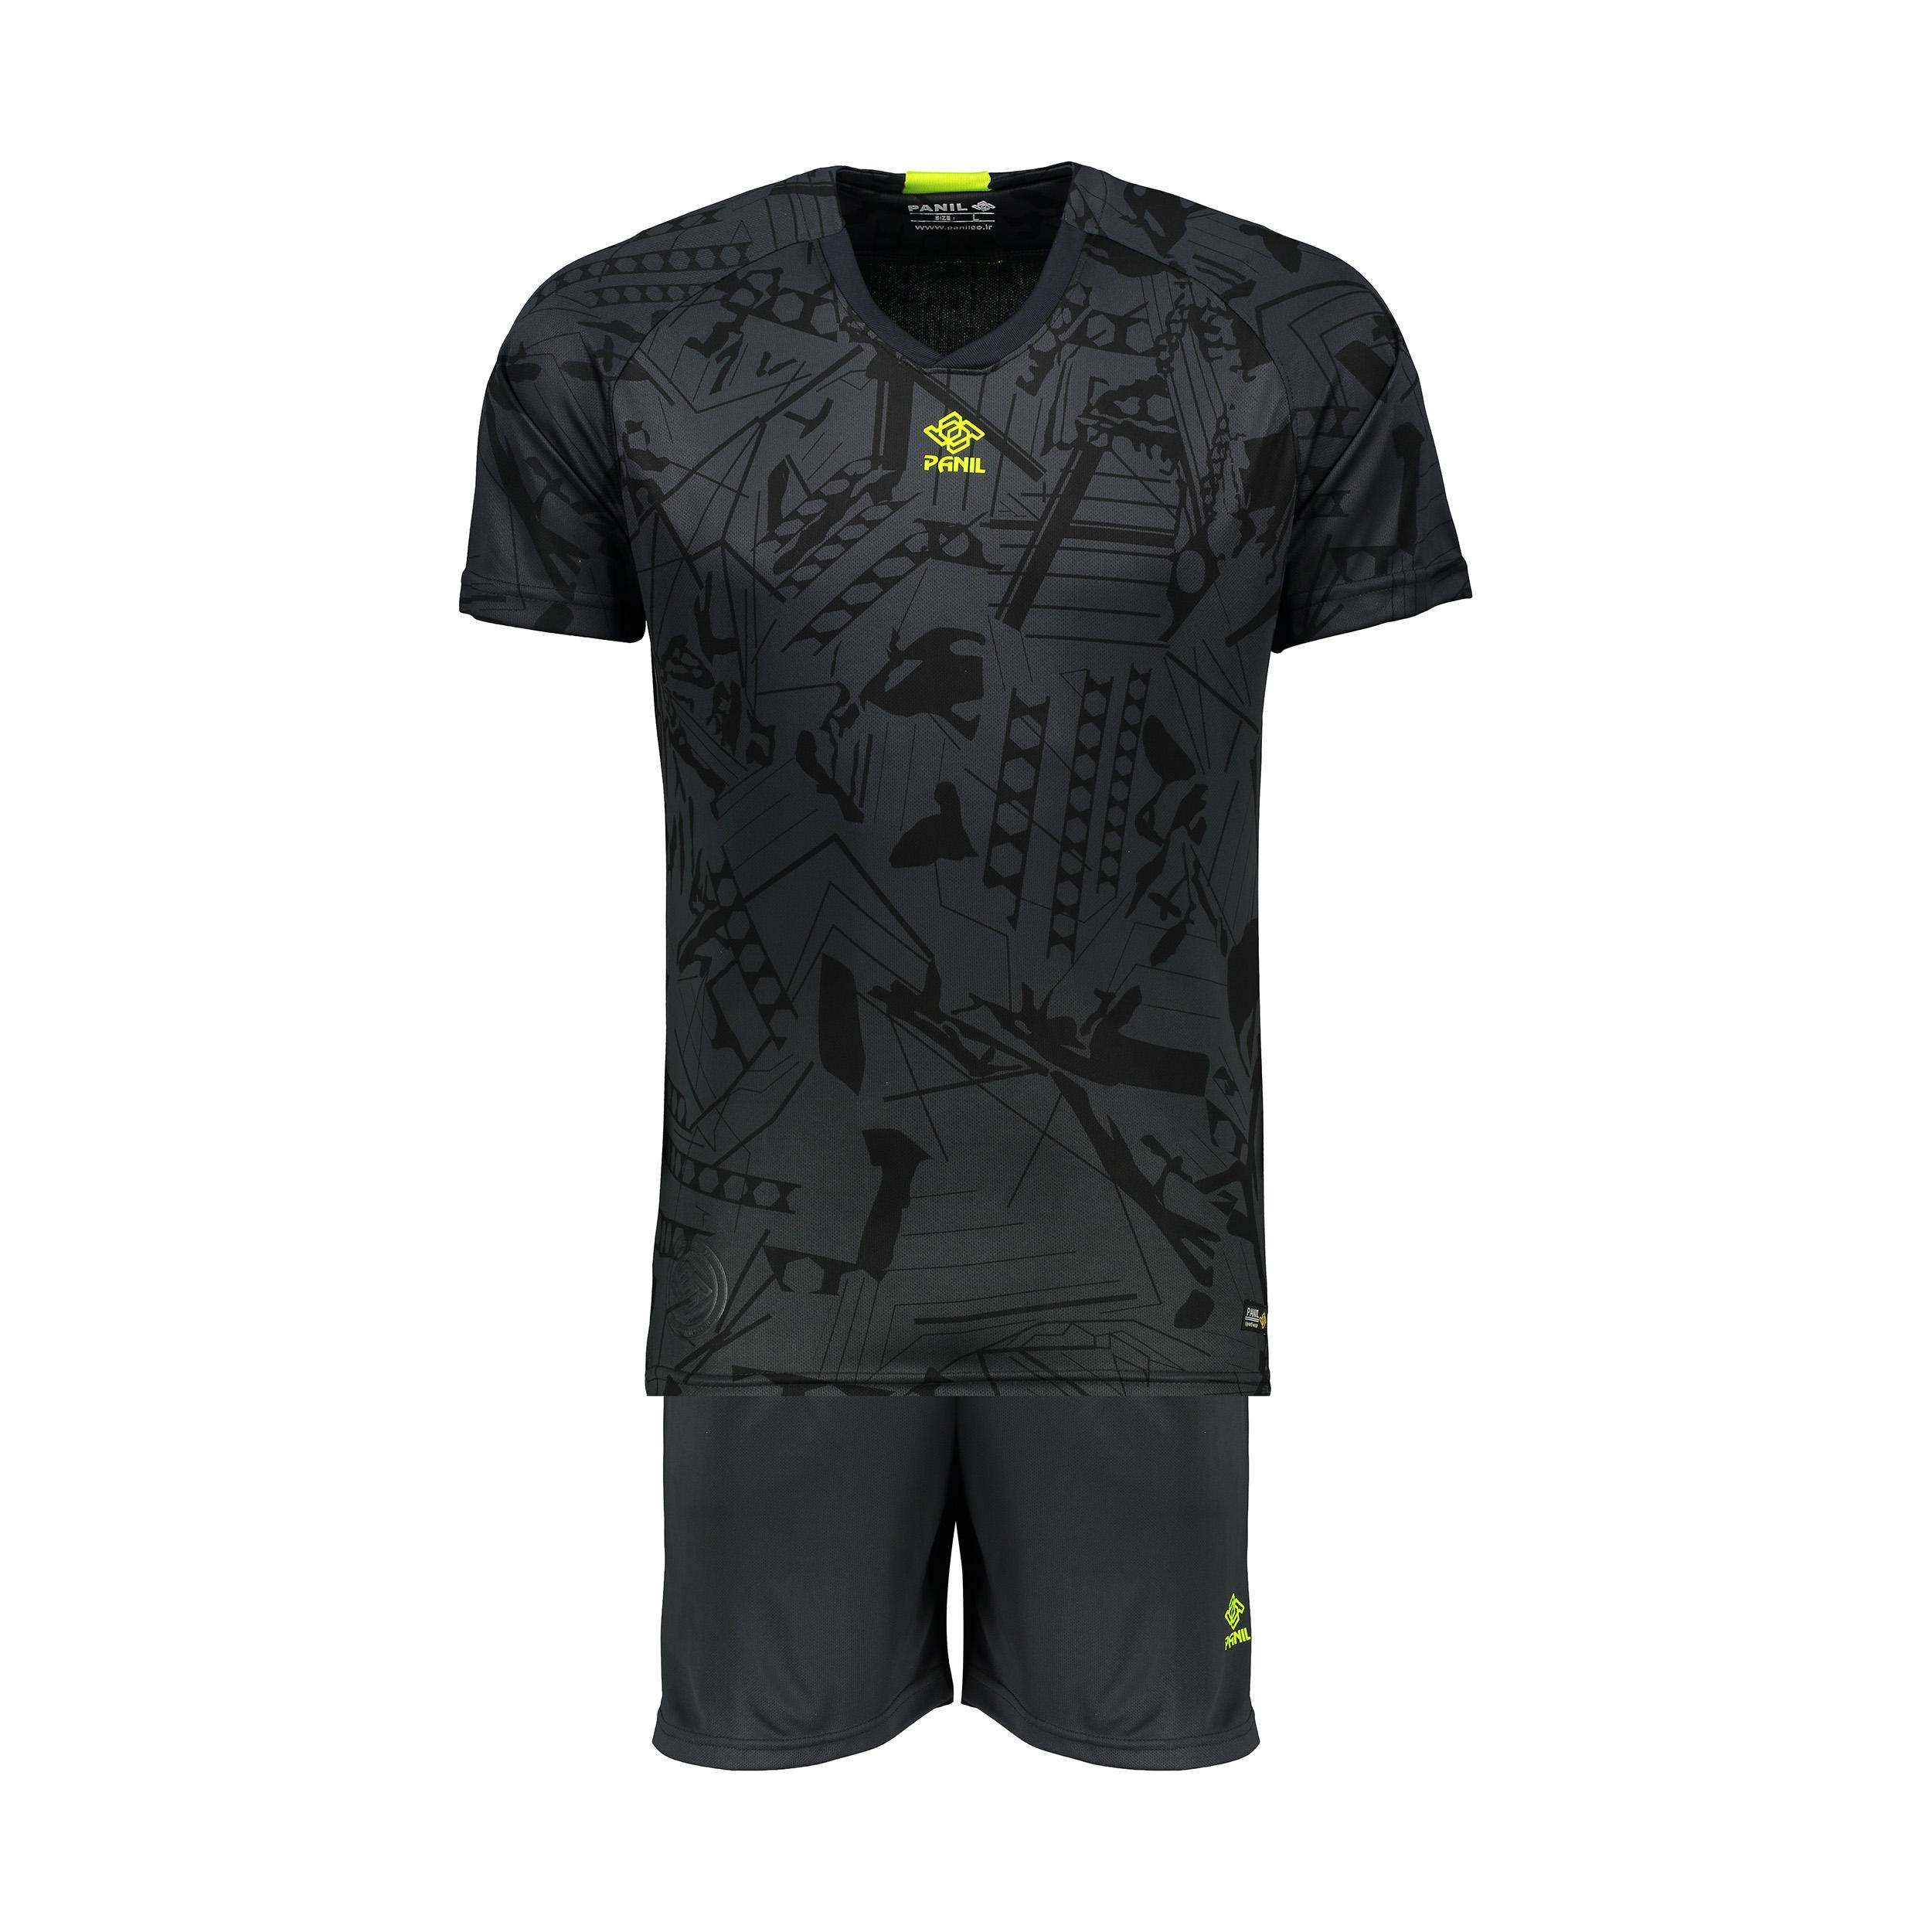 ست پیراهن و شورت ورزشی مردانه پانیل کد 1107GY